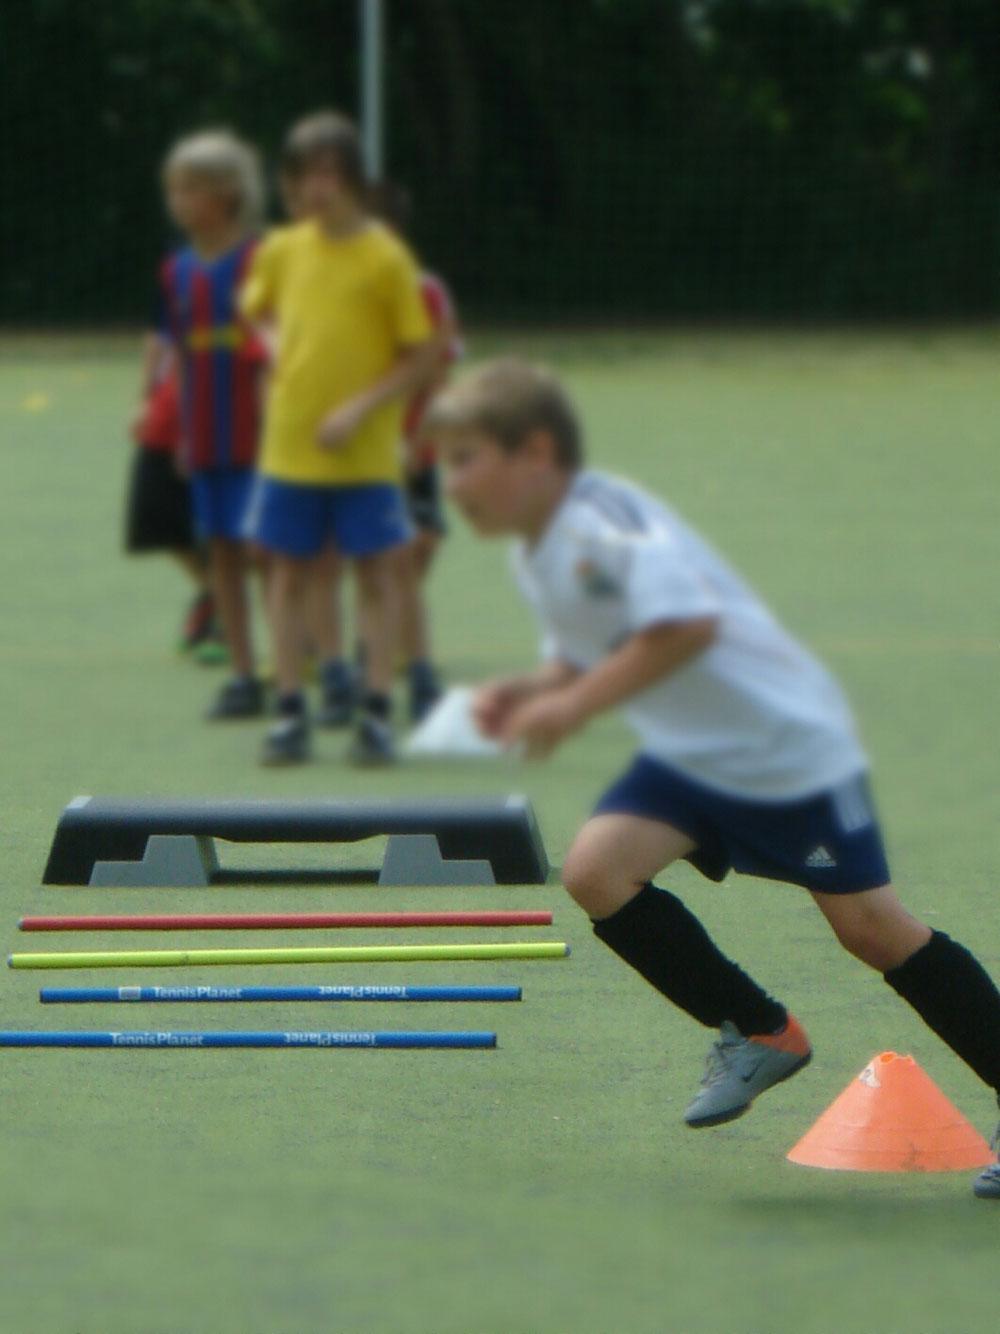 Die Verbesserung der Lauftechnik, Koordination und Schnelligkeit ist regelmäßig im Programm. Dabei kommt der Spaßfaktor nicht zu kurz.